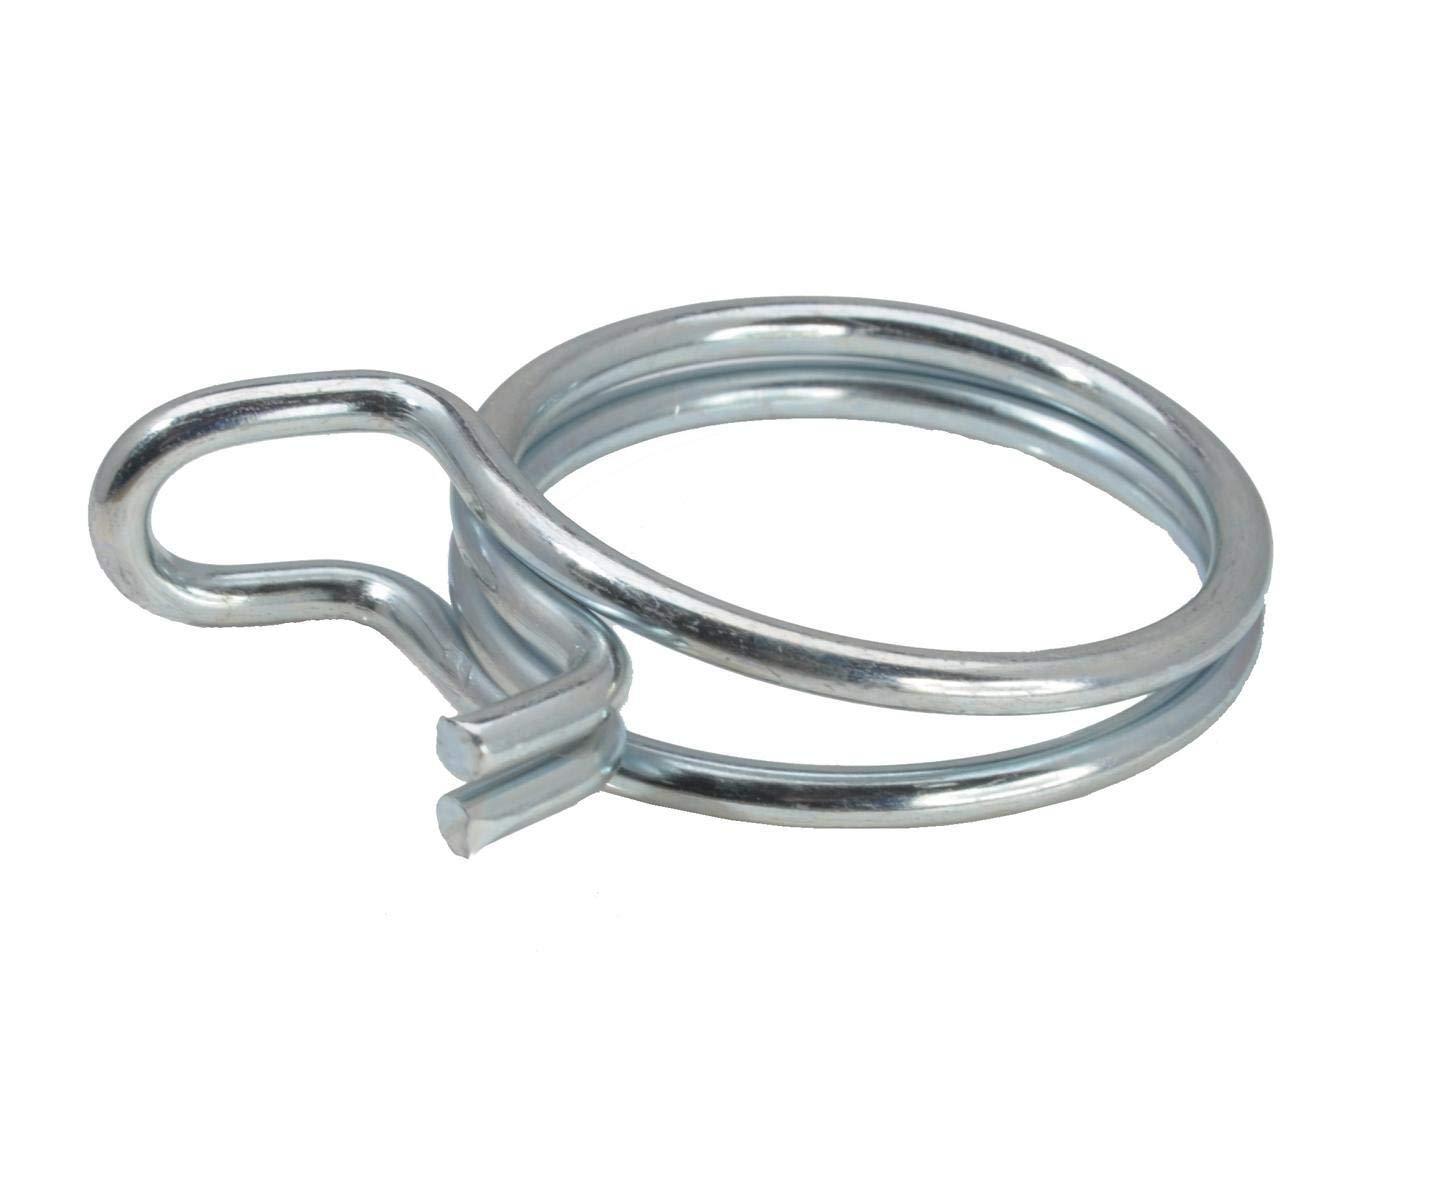 Nachspannschelle 24,2 mm Spannbereich 23,5-24,7 mm Schelle Klemme Schlauchschelle Draht